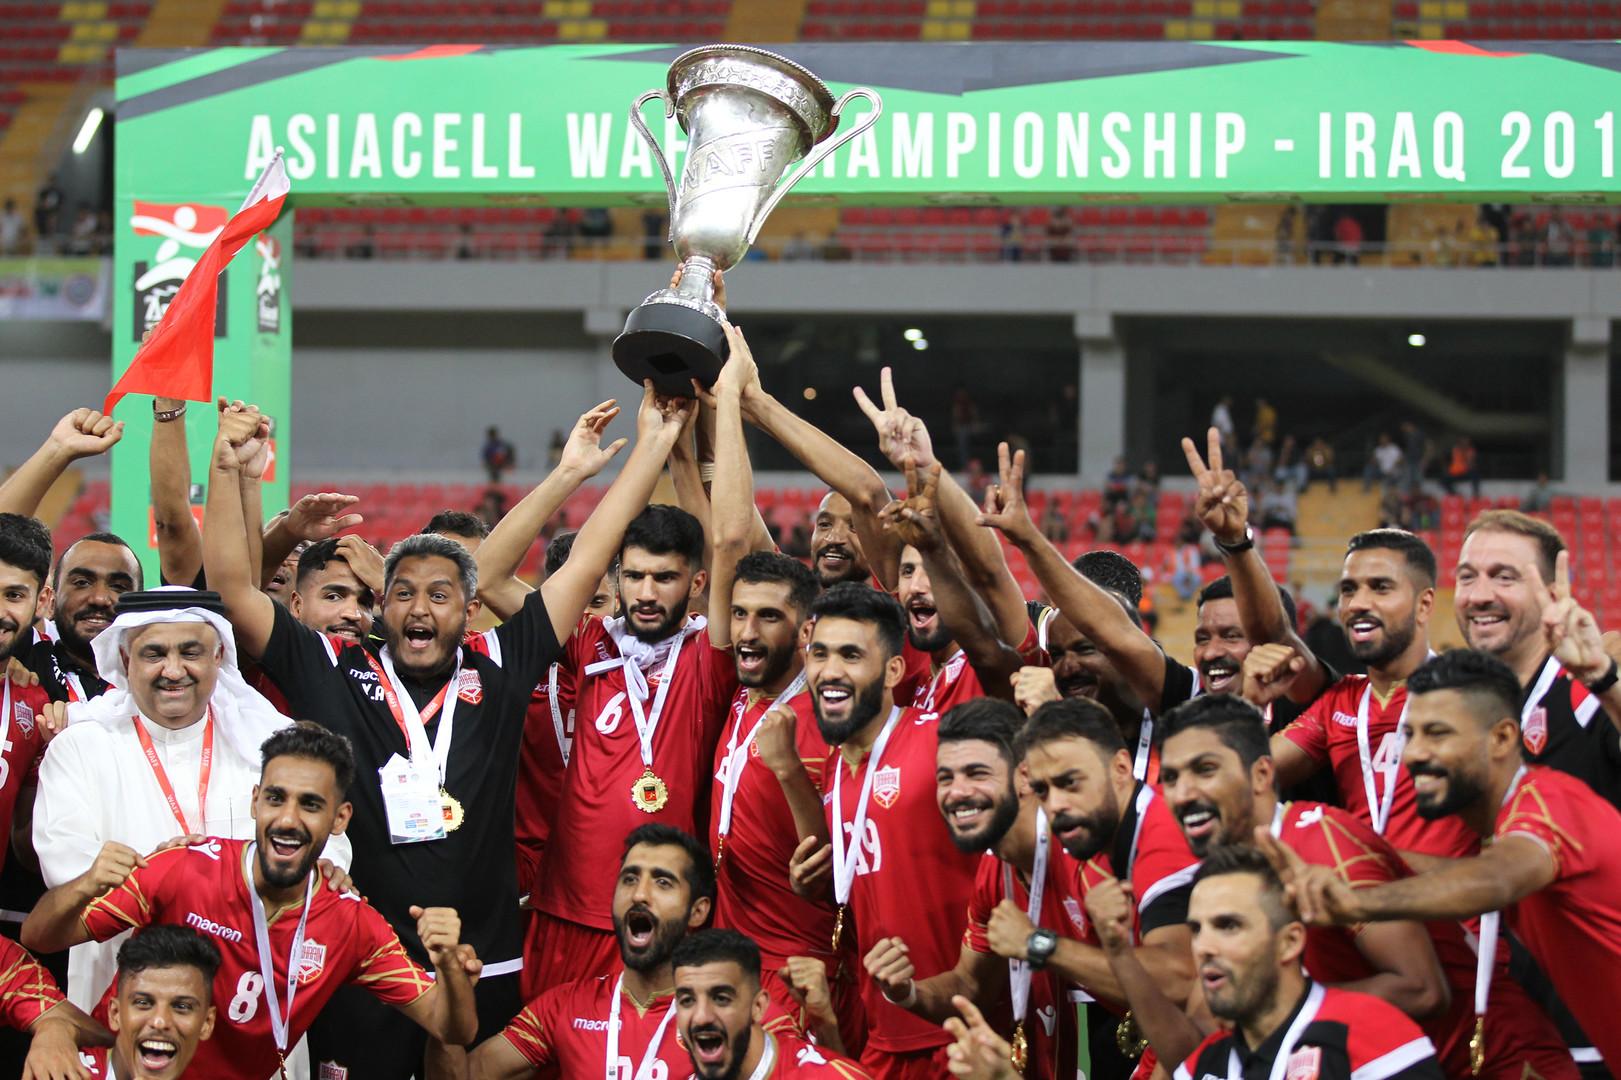 البحرين تتوج بلقب بطولة غرب آسيا على حساب العراق